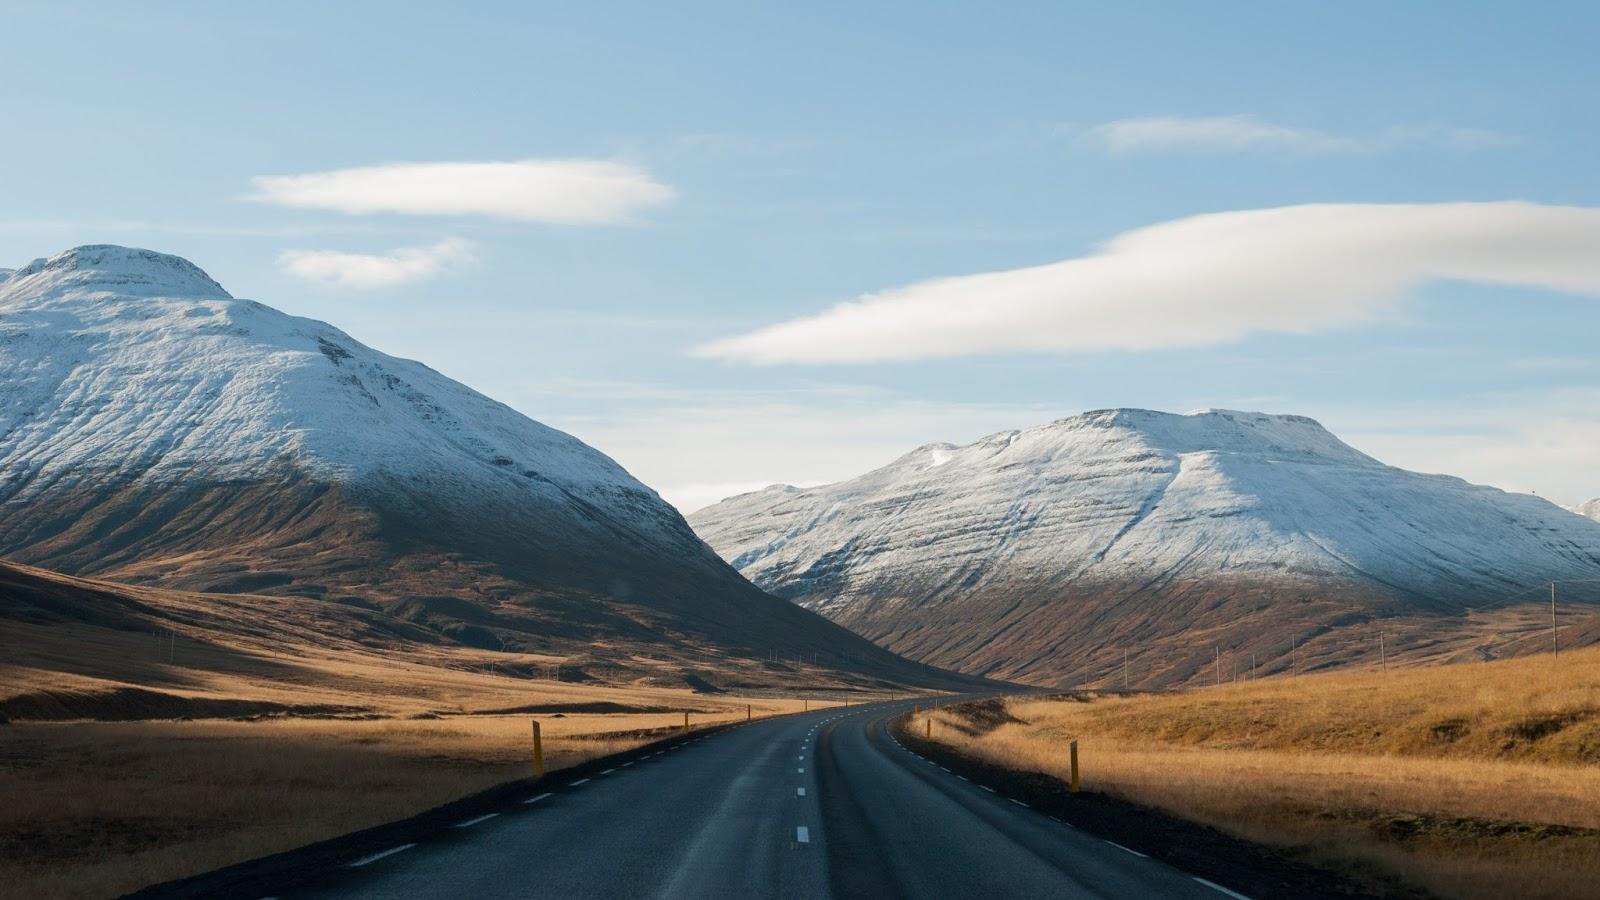 Islandia - podróż przez góry oraz półwysep fok.